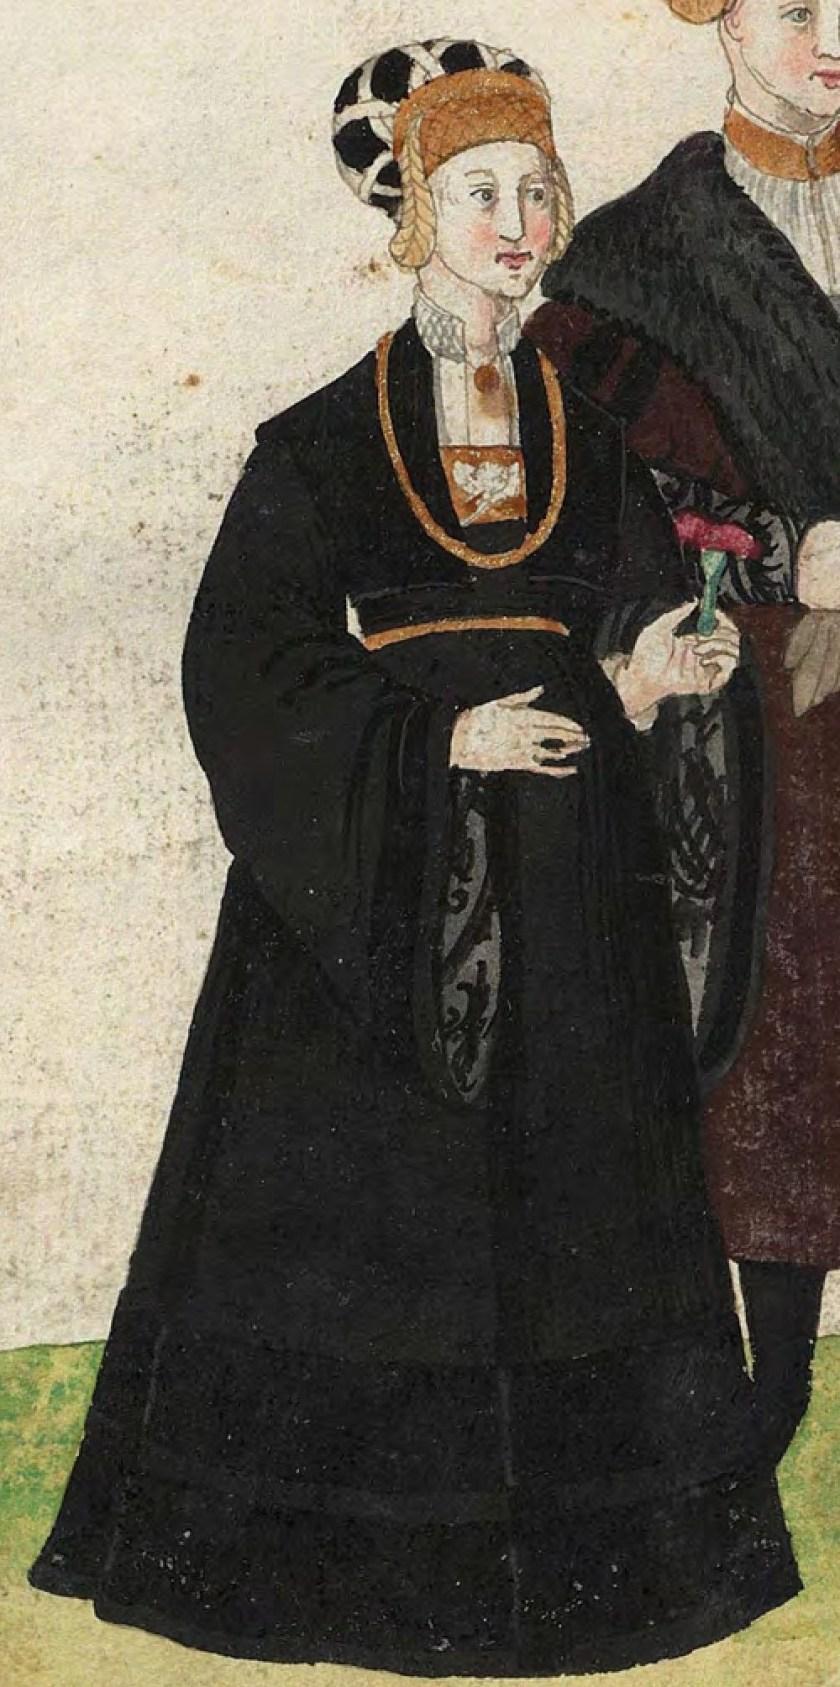 1540s Cologne Burger. Fig. 1, plate 43v, Codice de trajes, Christoph Weiditz. BNE bdh0000052132